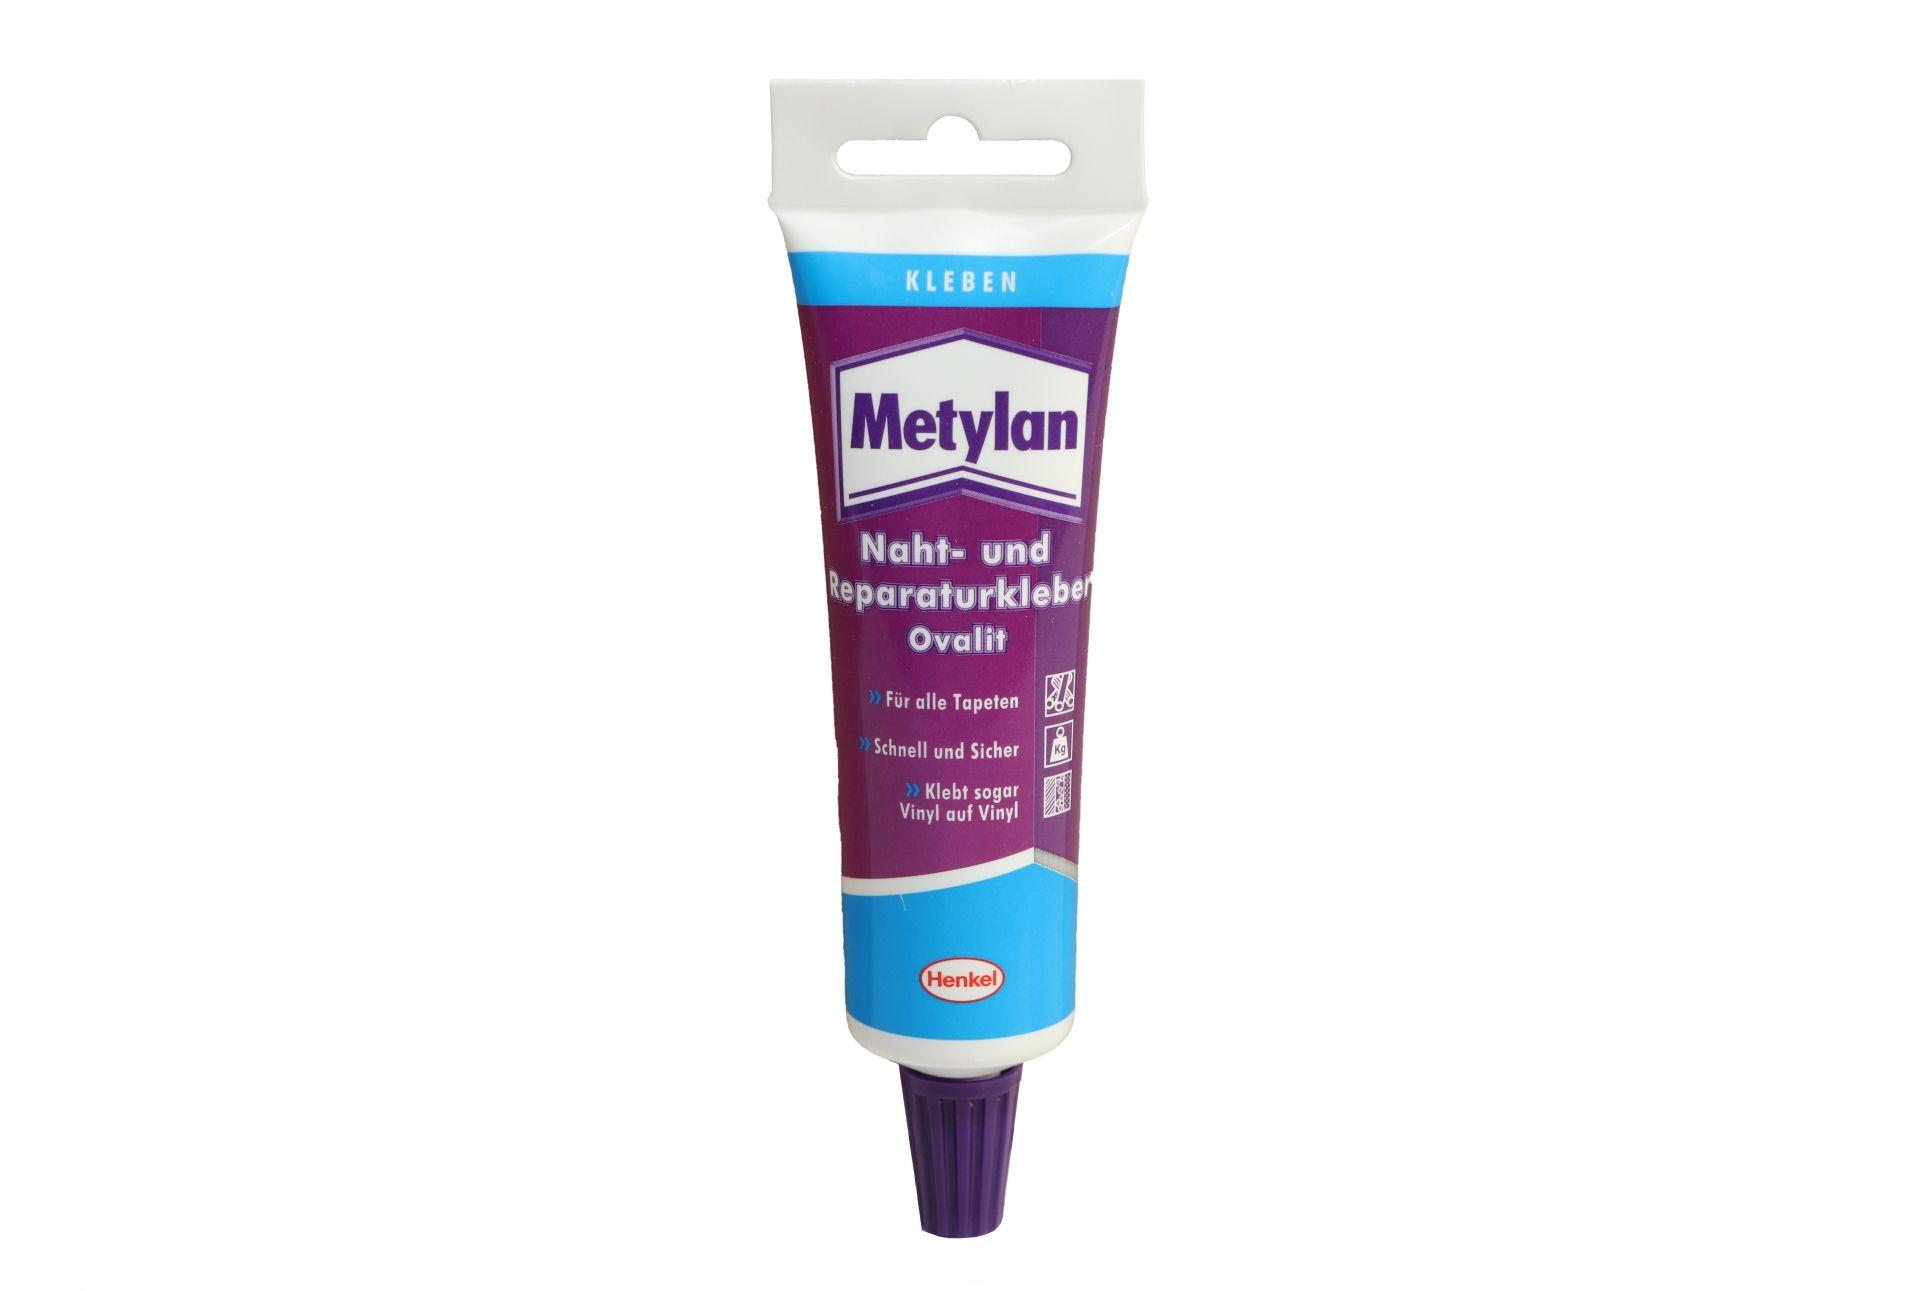 Metylan Naht- und Reparaturkleber Ovalit, 60 g